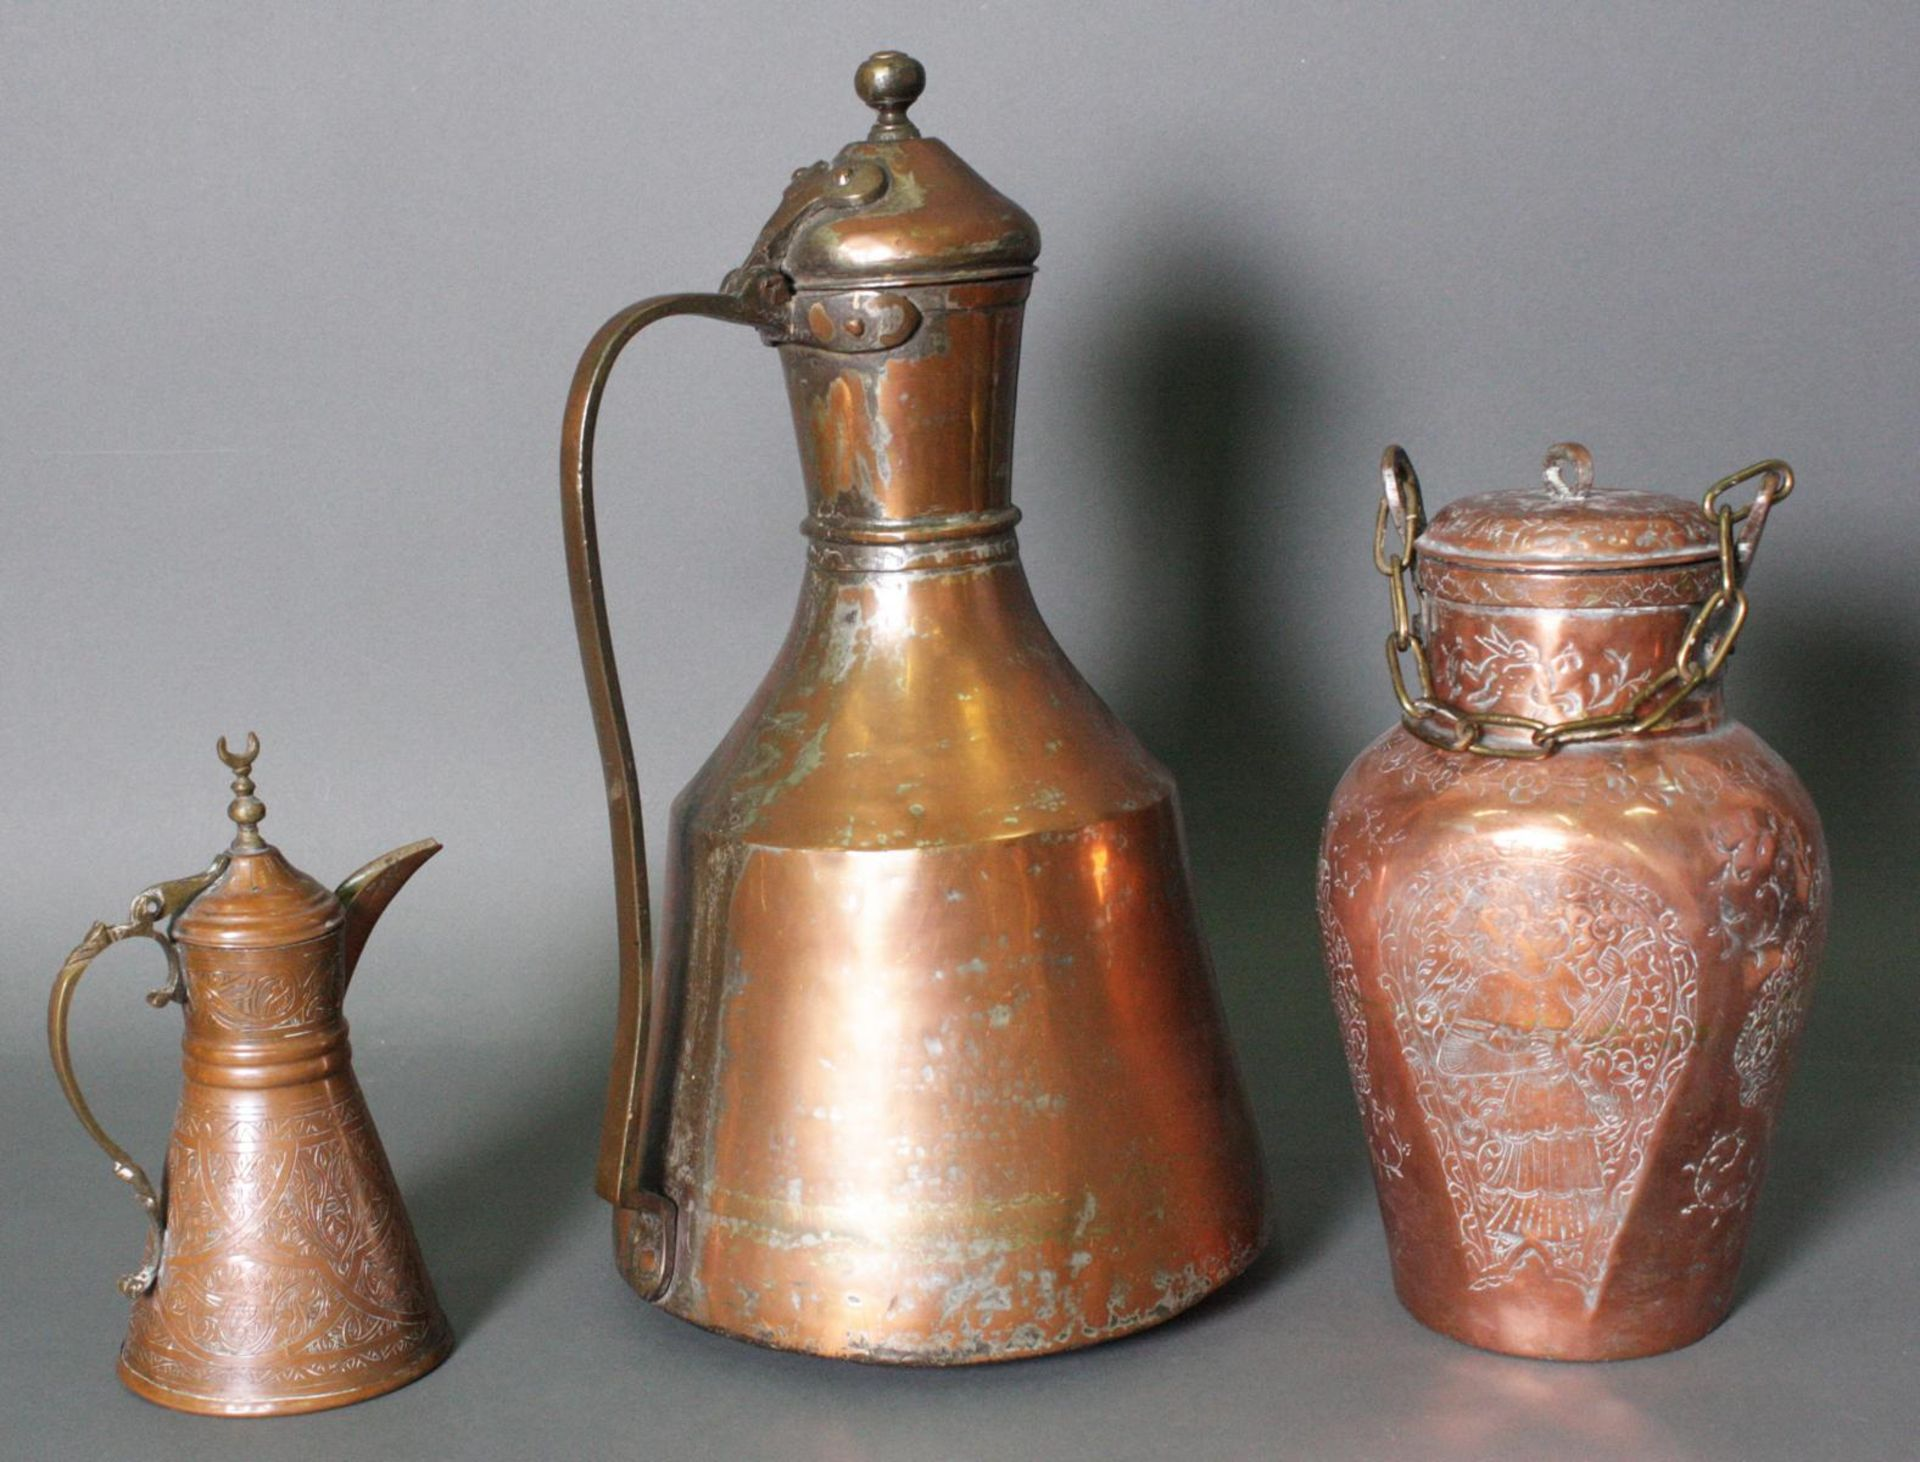 3 orientalische Gefäße - Bild 2 aus 6